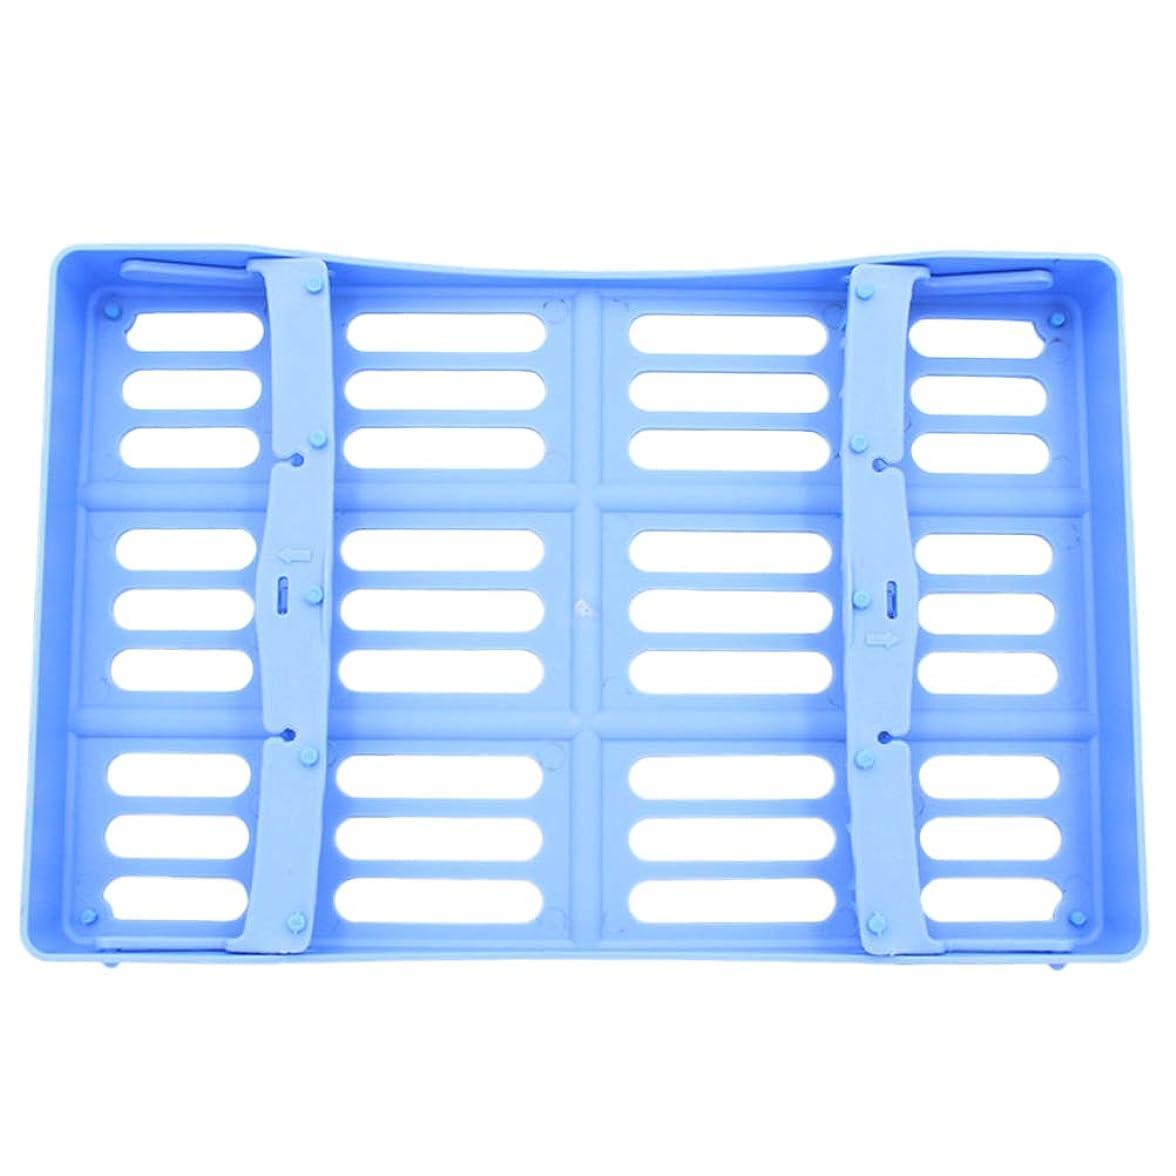 うんざり慈悲深いパン屋HEALLILY 歯科用手術器具用プラスチック製消毒トレイ10個用ツール収納(ブルー)